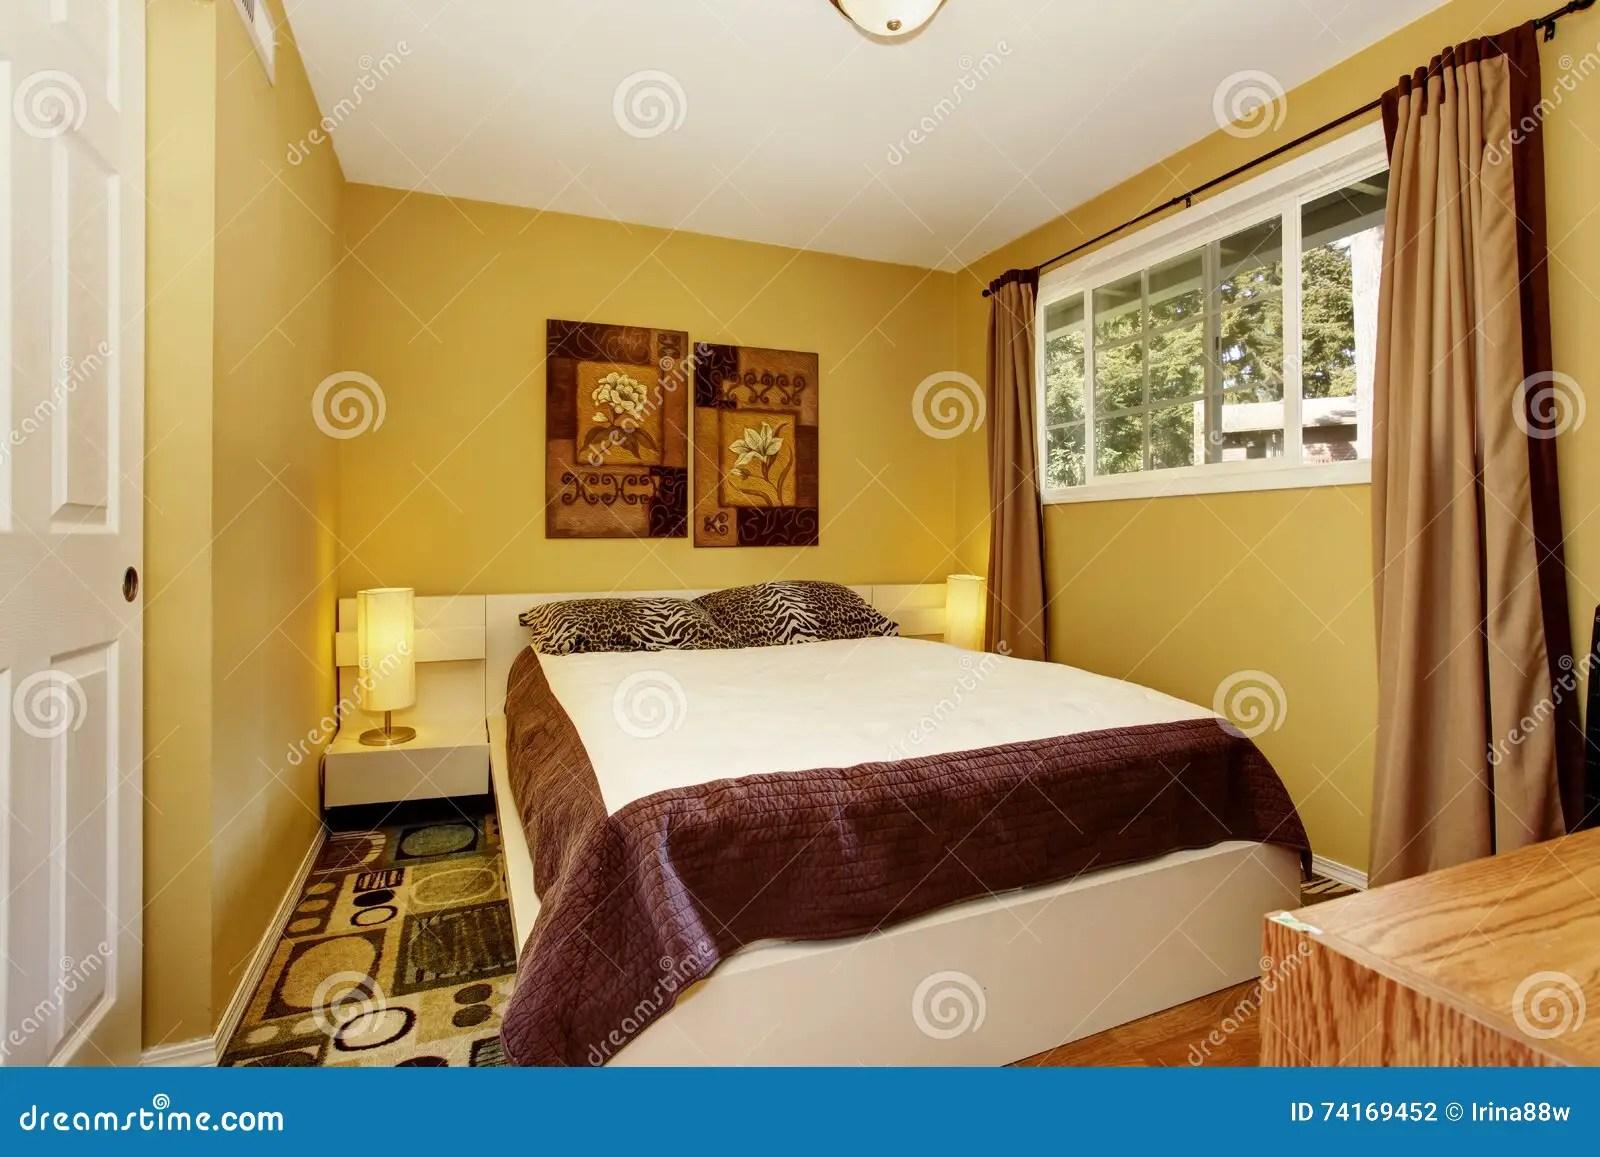 Amerikaanse Gele Slaapkamer Met Wit En Bruin Beddegoed En